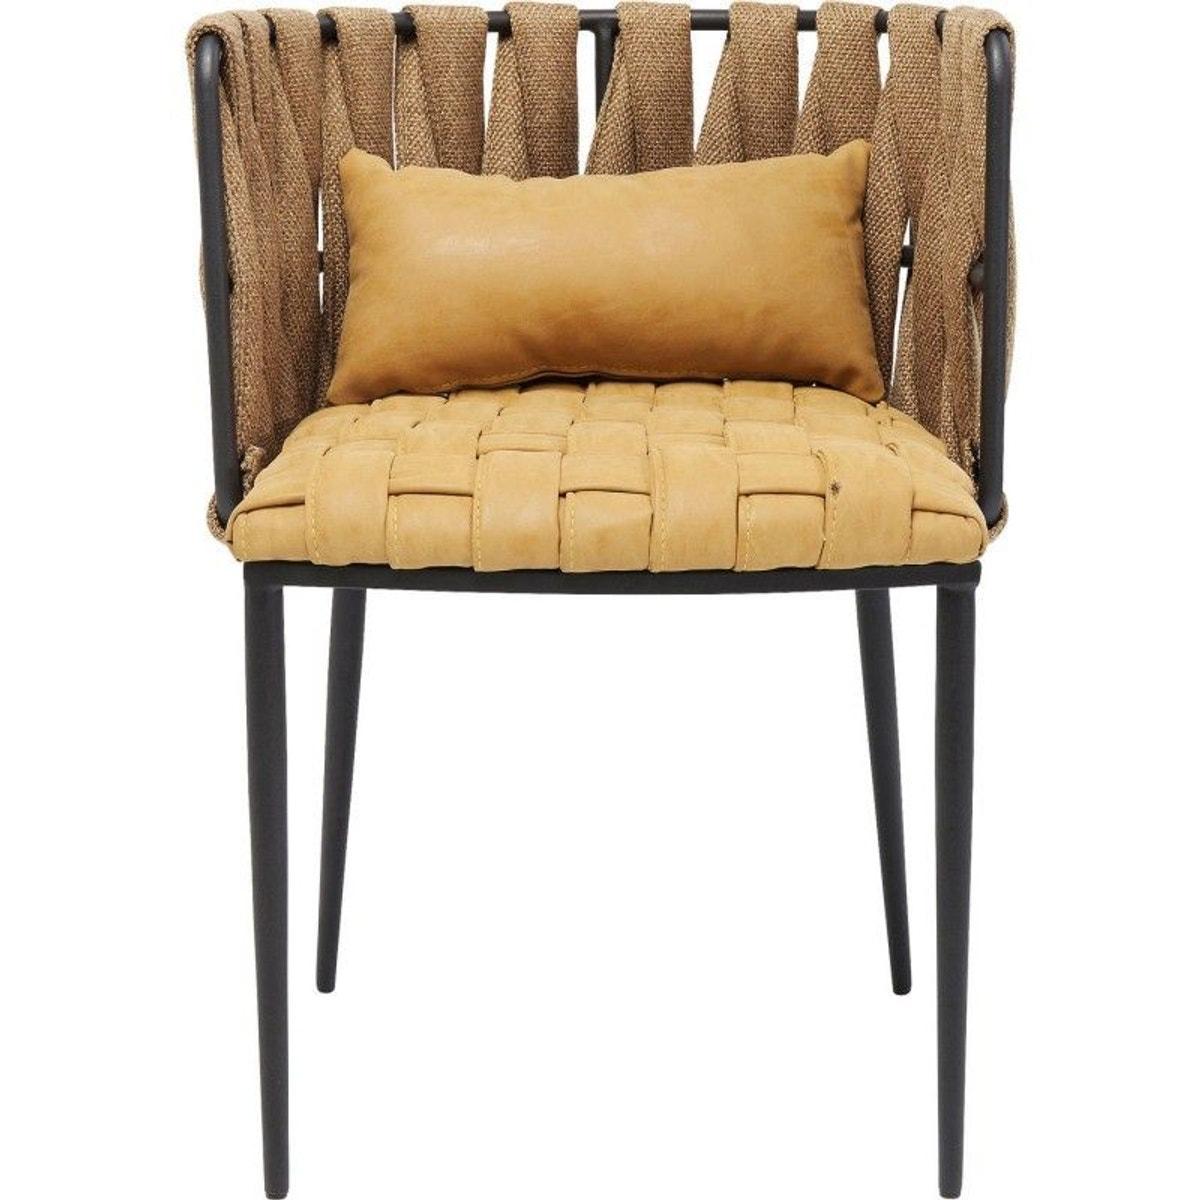 Chaise Avec Accoudoirs Cheerio Jaune Kare Design Taille Taille Unique Fauteuil Confortable Chaises Jaunes Chaise Accoudoir